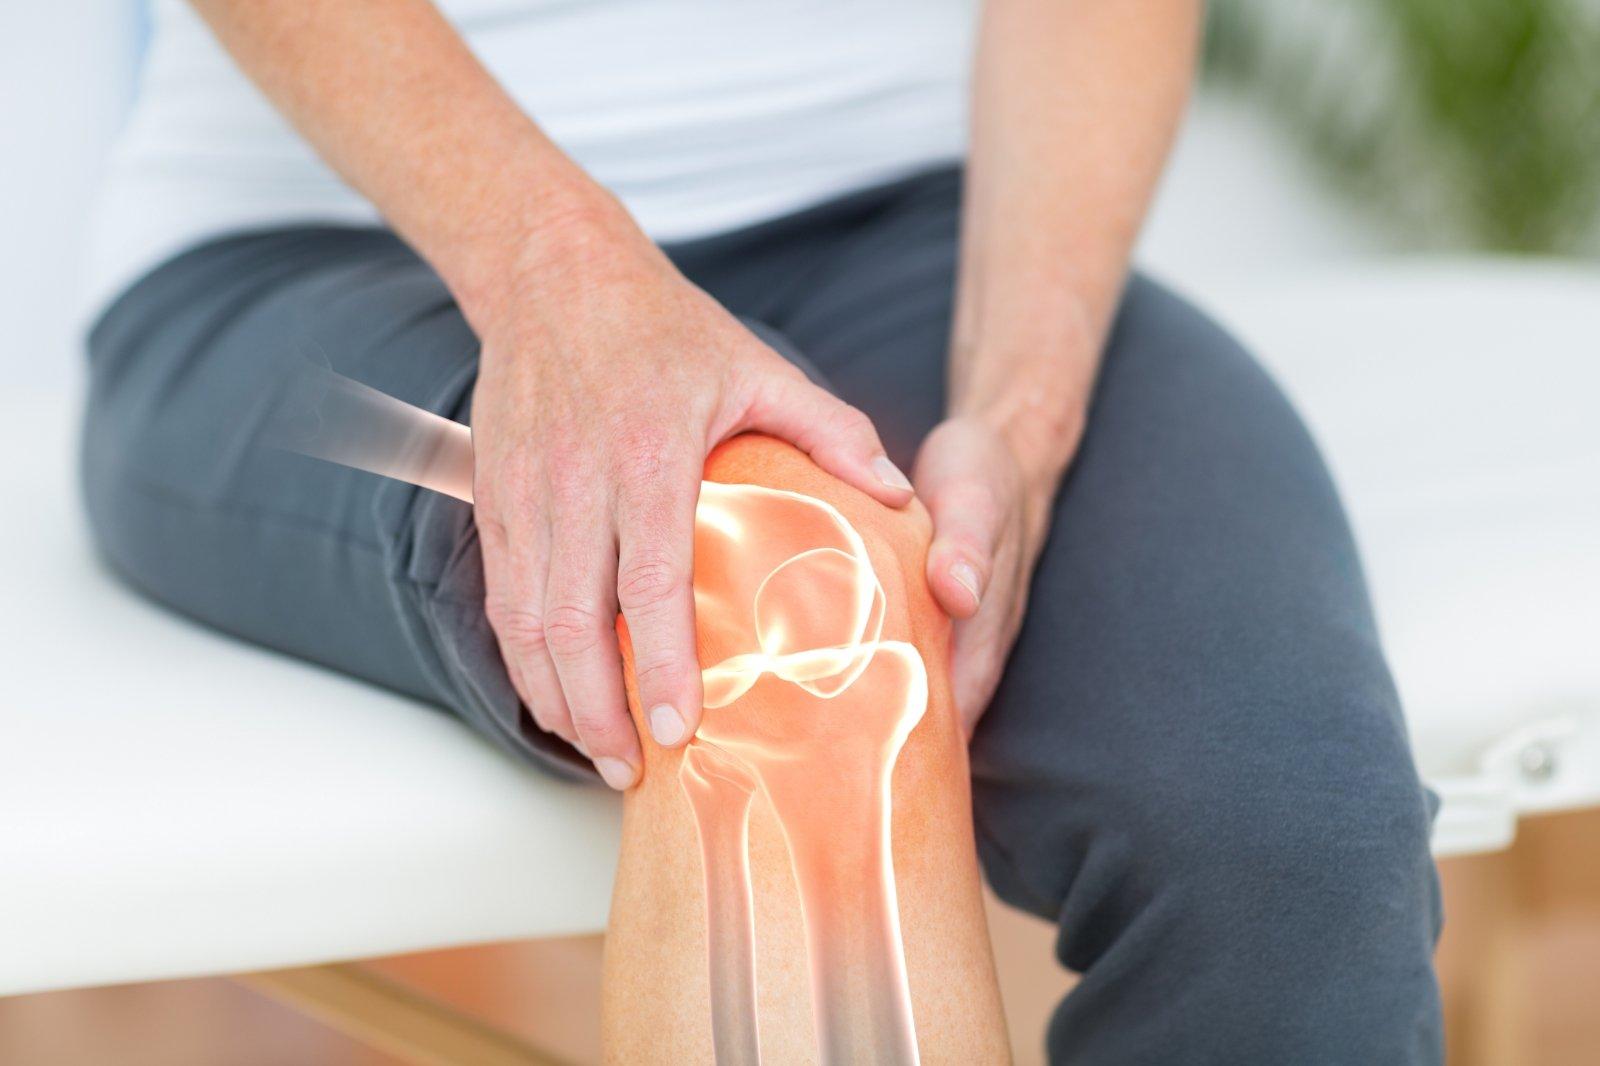 kai sąnariai skauda ir pečių stiprus skausmas artrozės peties sąnario metu